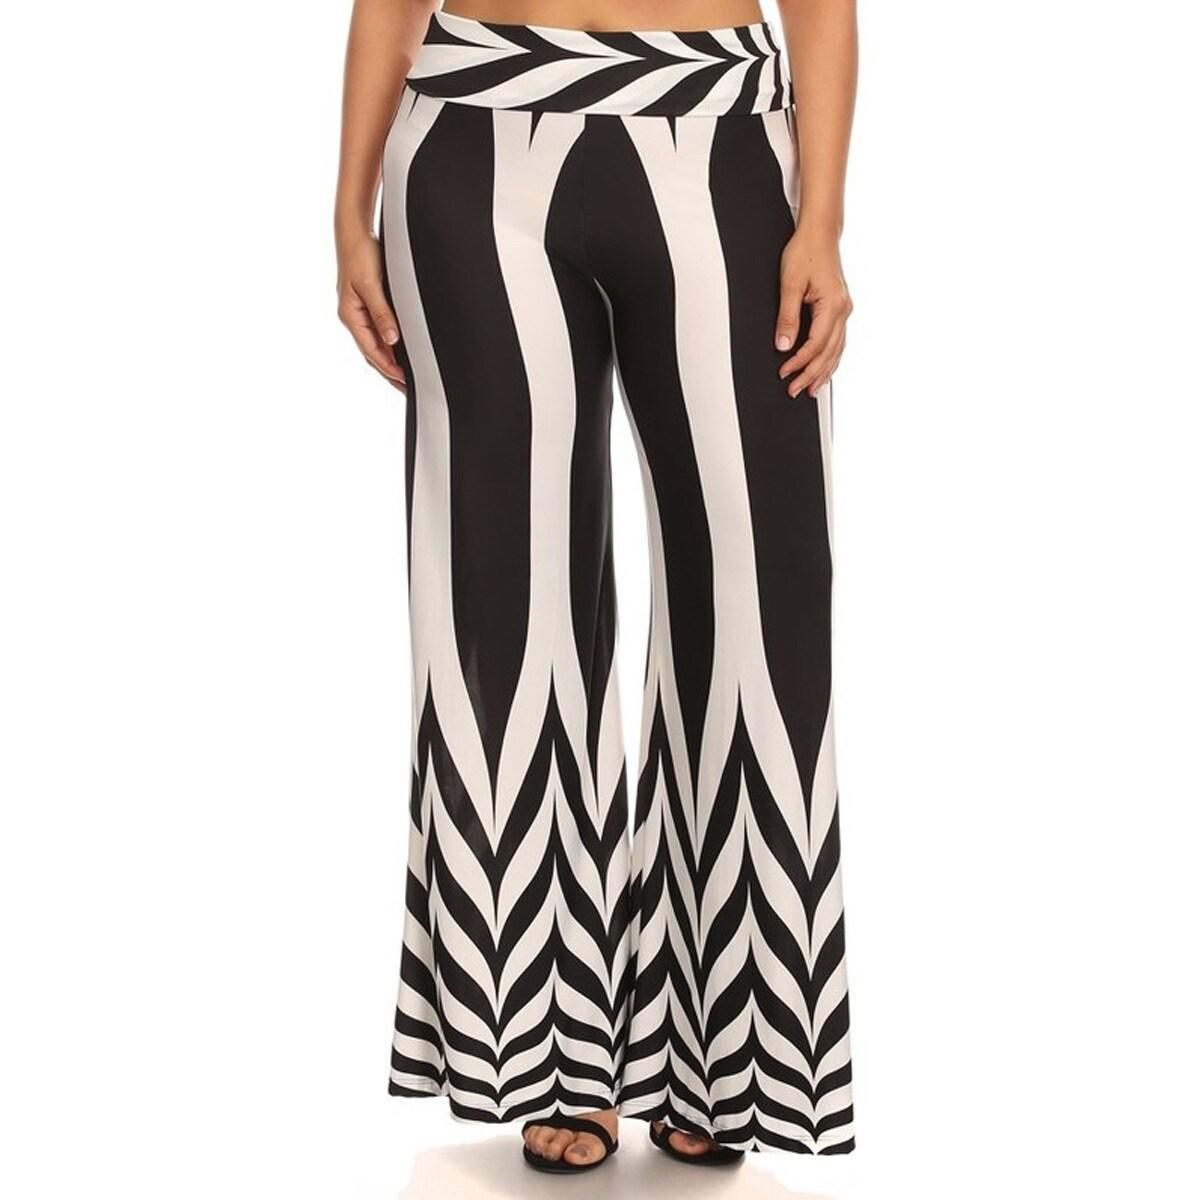 Women's Plus Size Black White Chevron Palazzo Pants (XL)